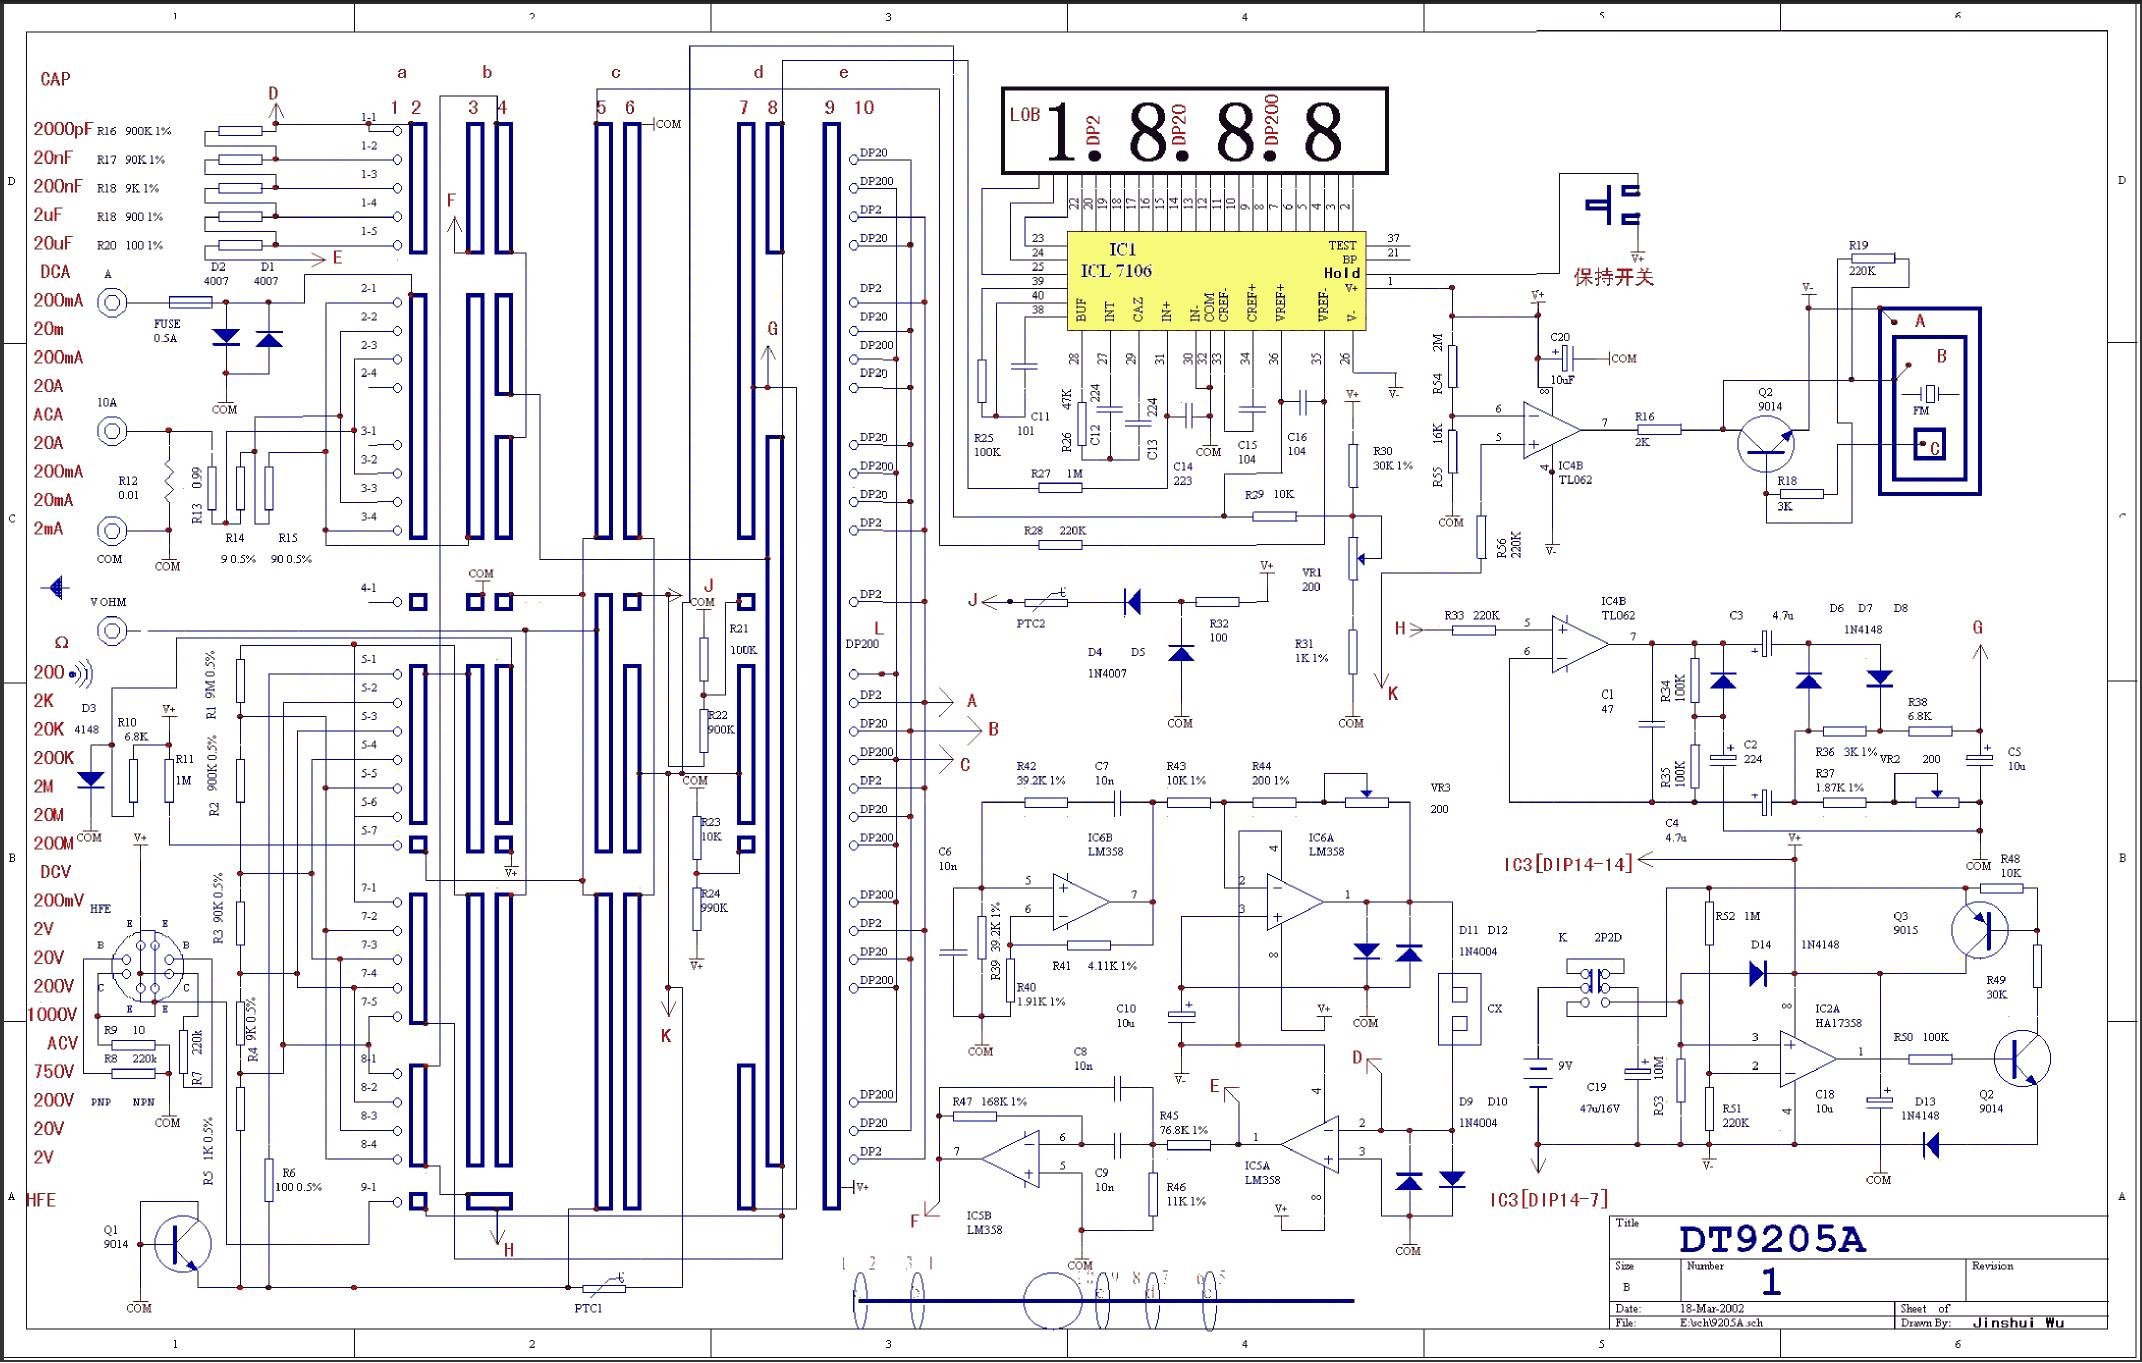 Инструкция По Эксплуатации Посудомойки Dw-9205